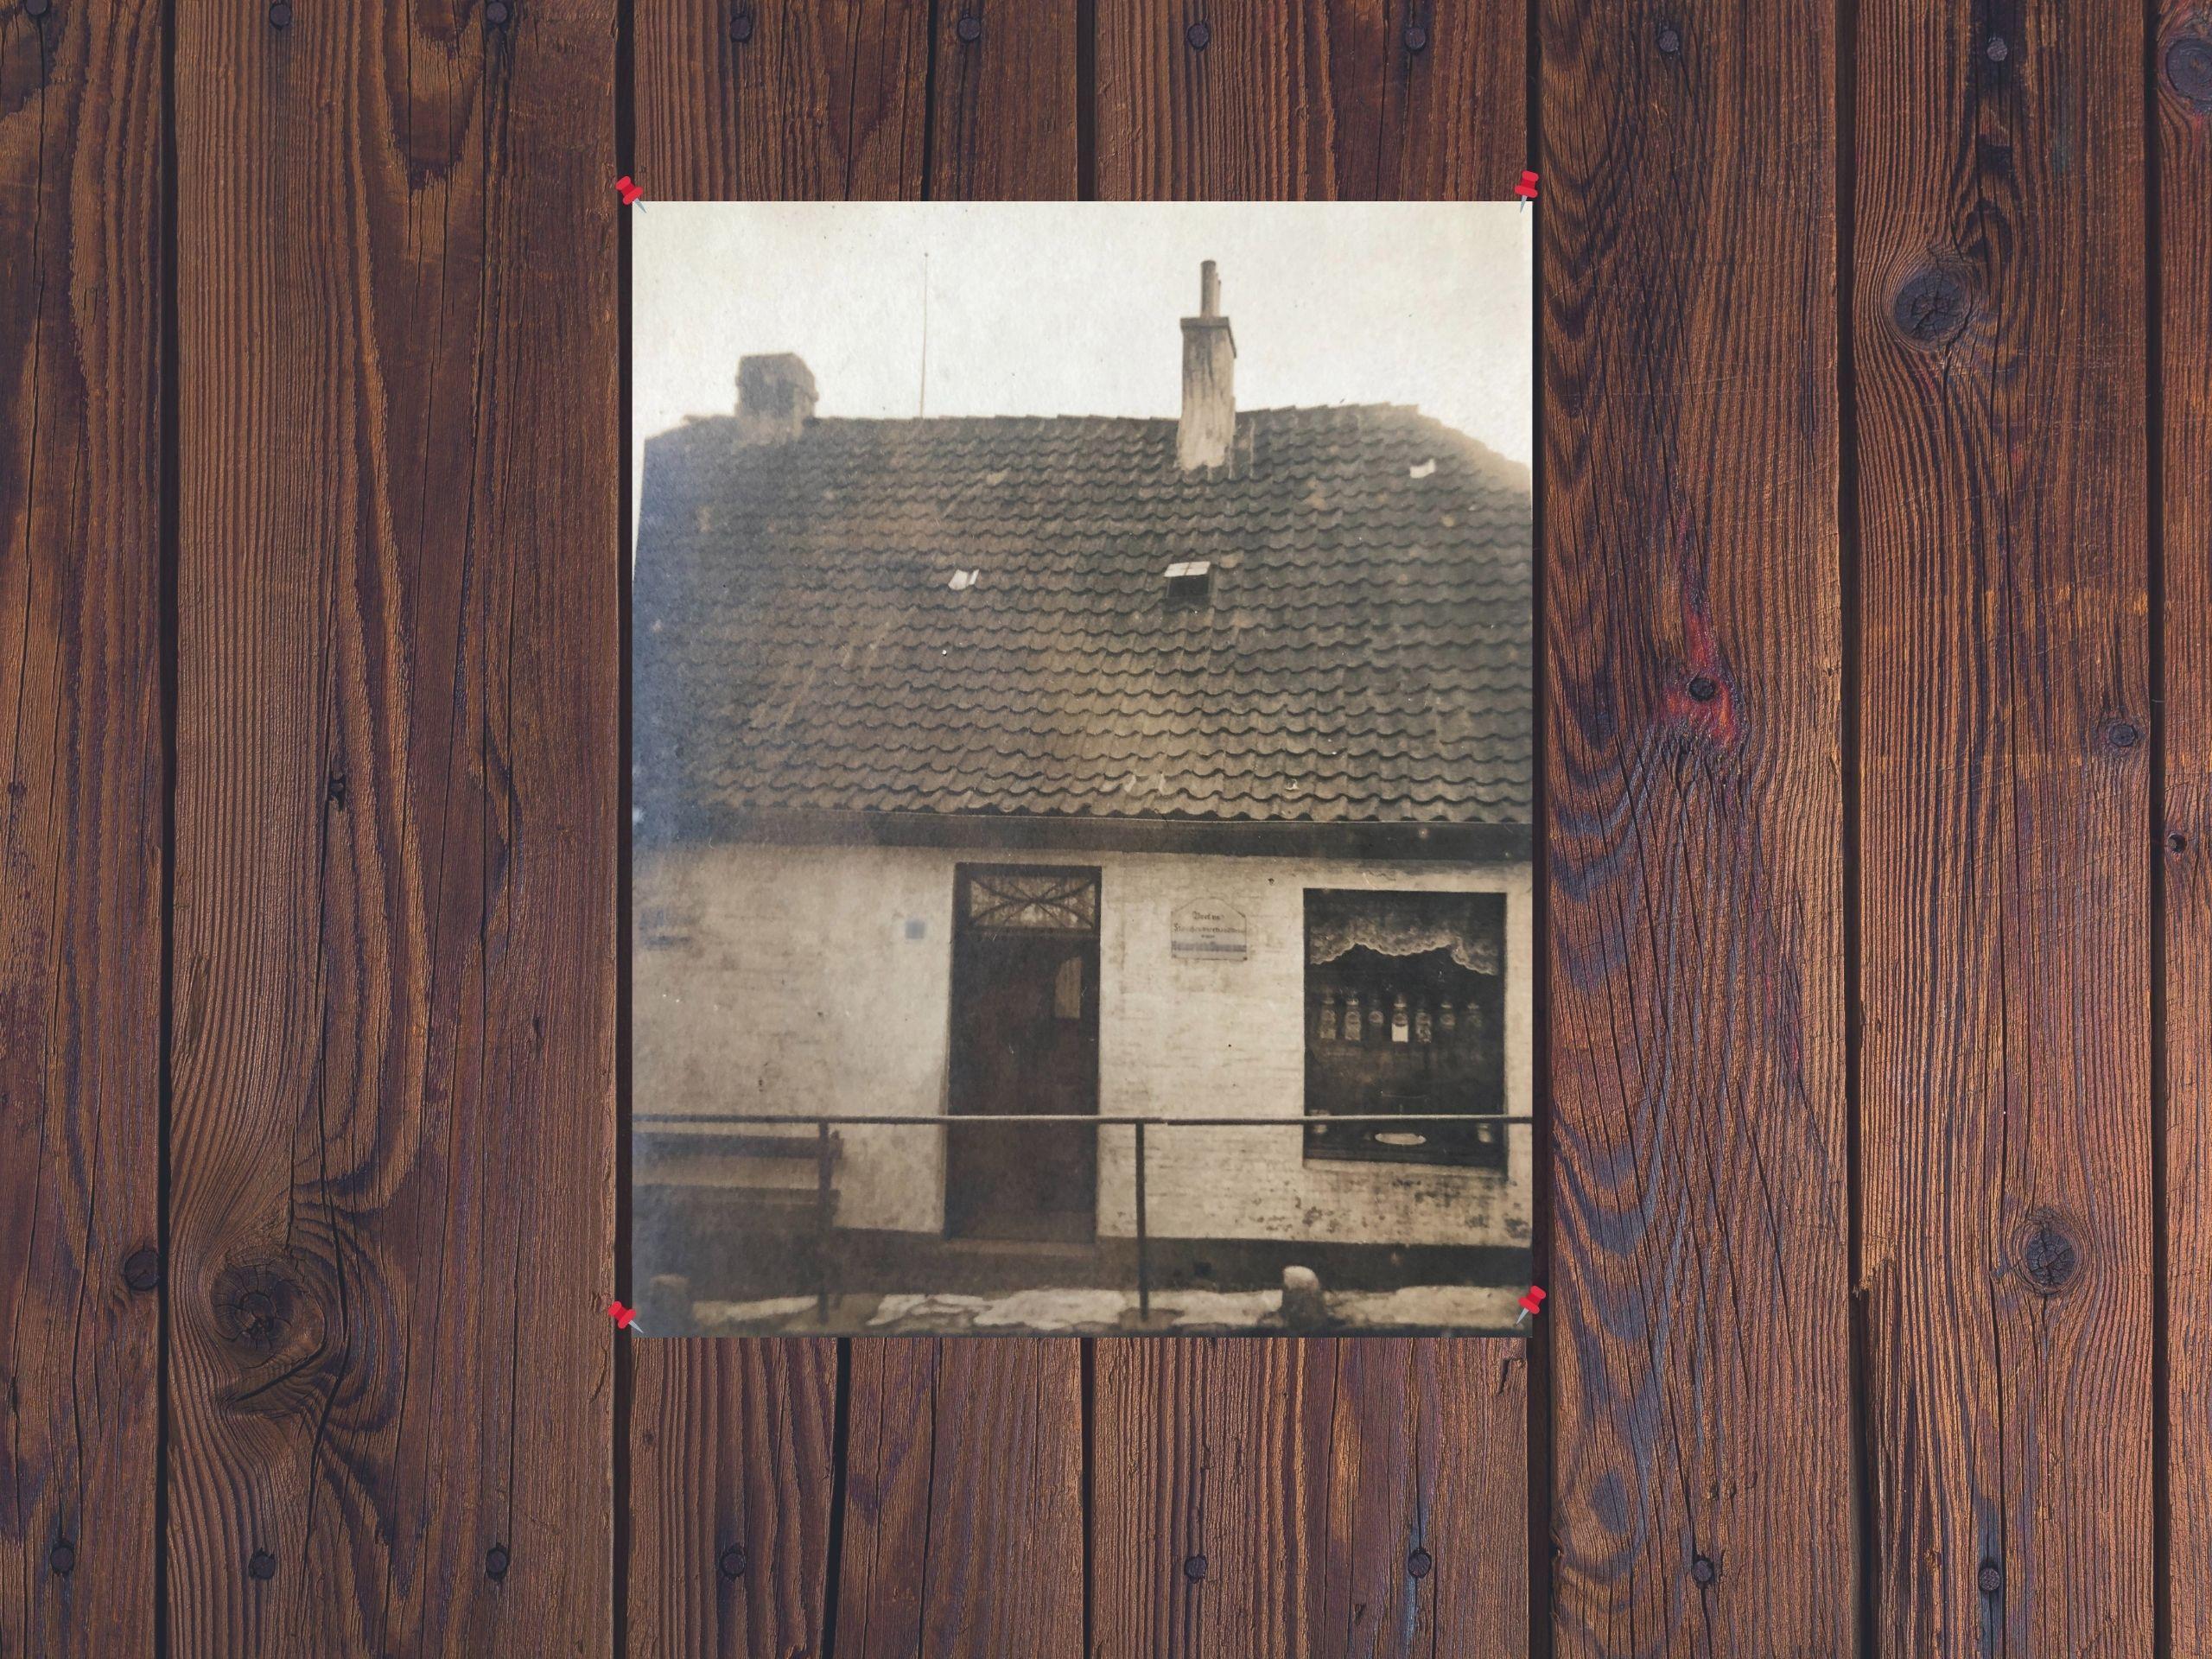 Altes Haus mit Holzbrettern im Hintergrund